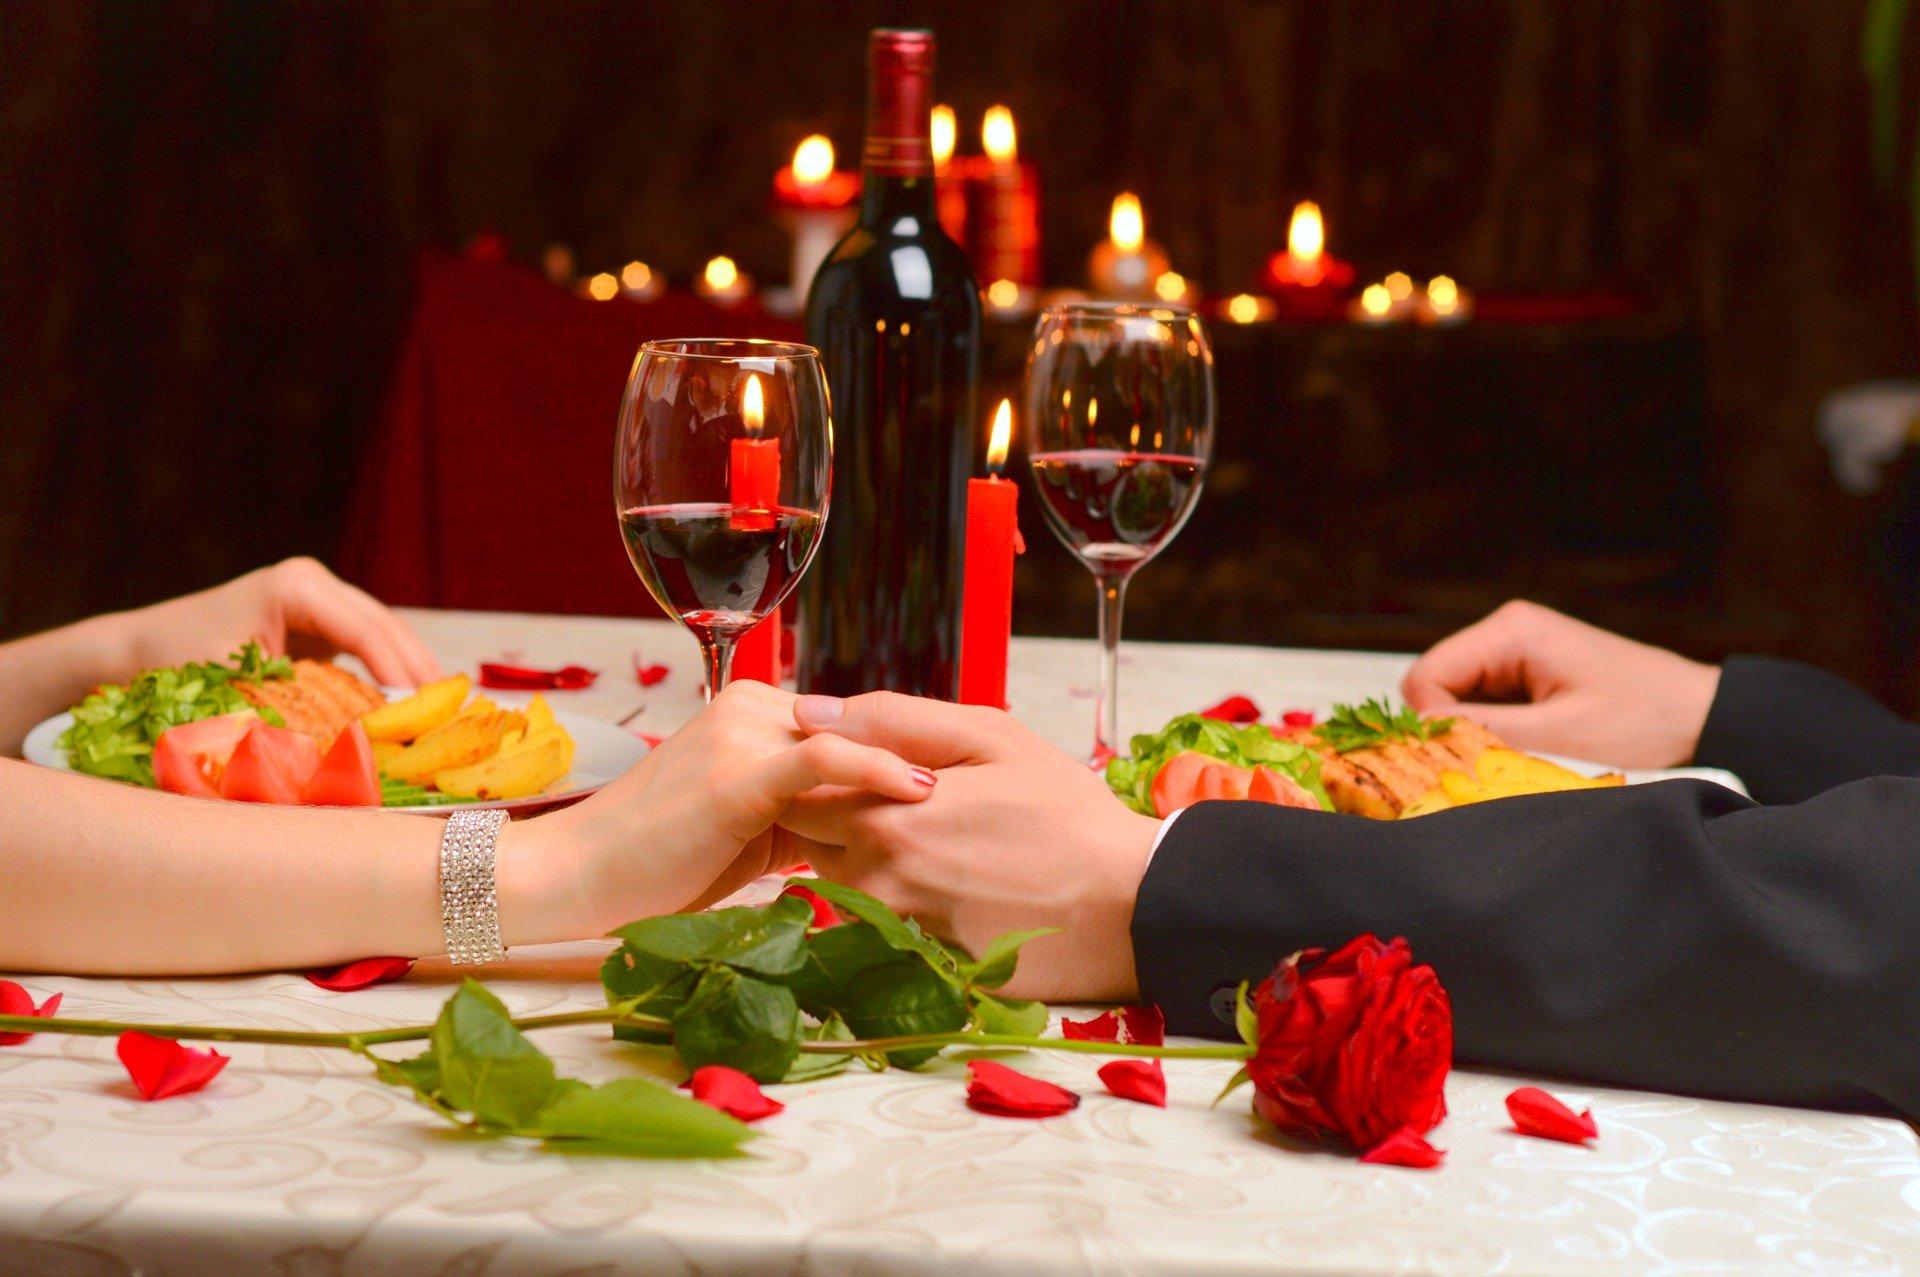 Romantisches Wochenende Zu Zweit - kinderbilder.download